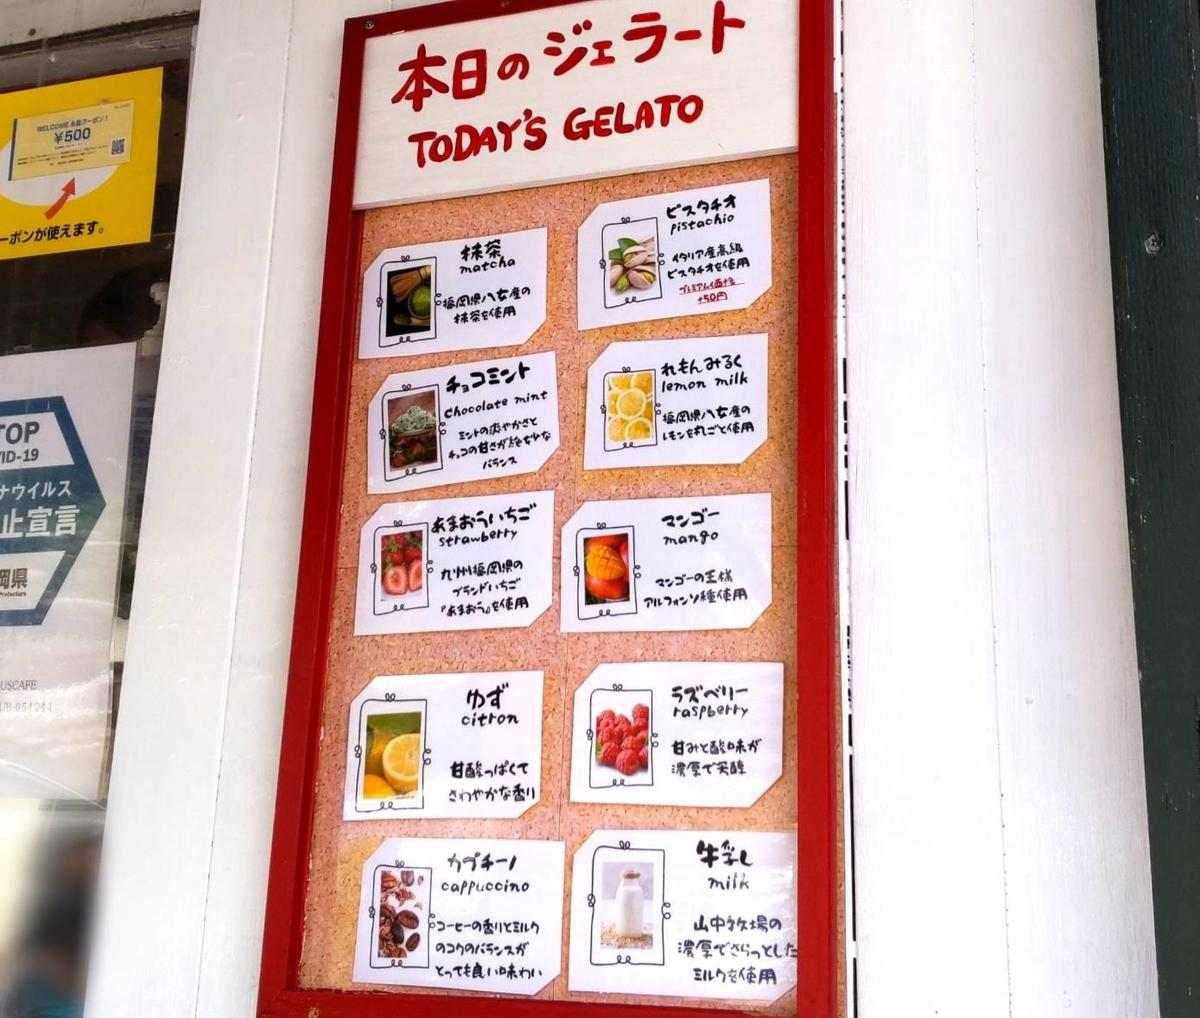 糸島ロンドンバスカフェ ジェラート メニュー 種類 値段 人気 おすすめ 口コミ